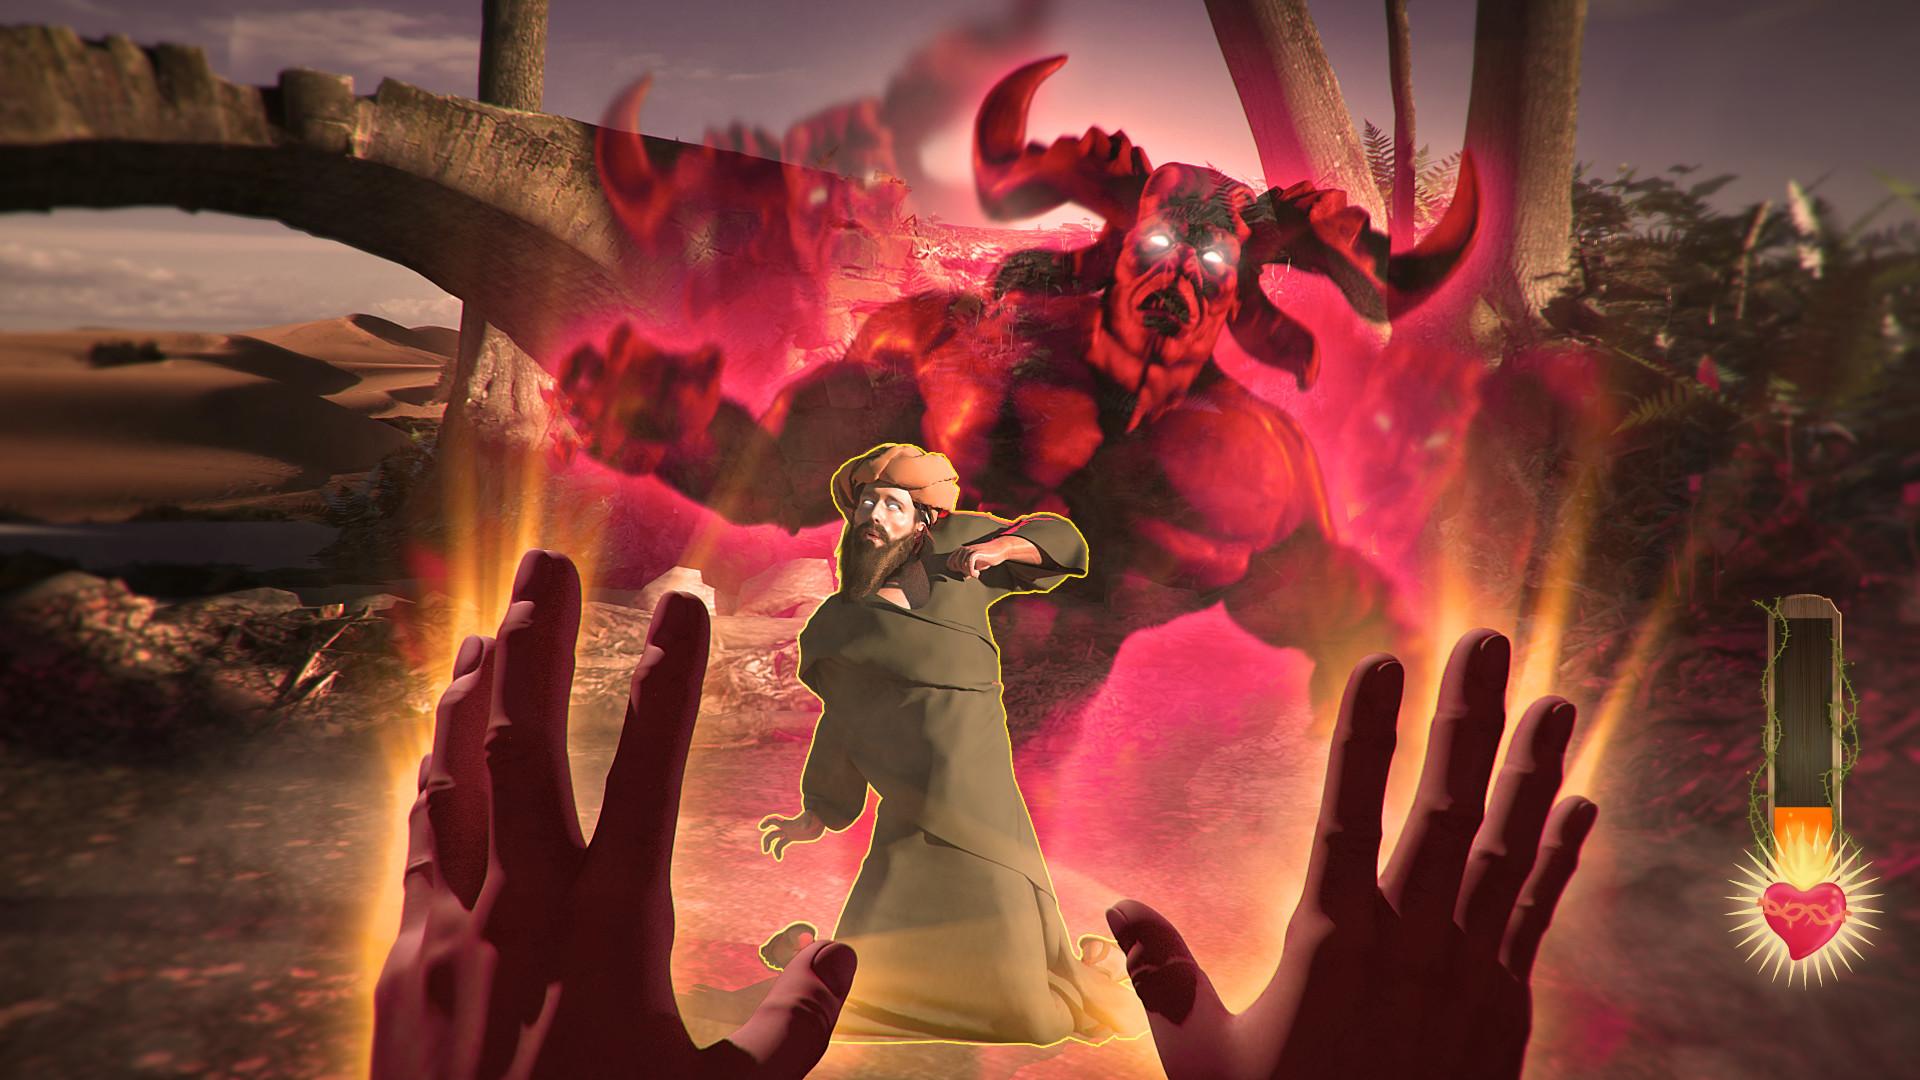 奇葩另类游戏《我是耶稣》宣布将于21年2月1日开启众筹